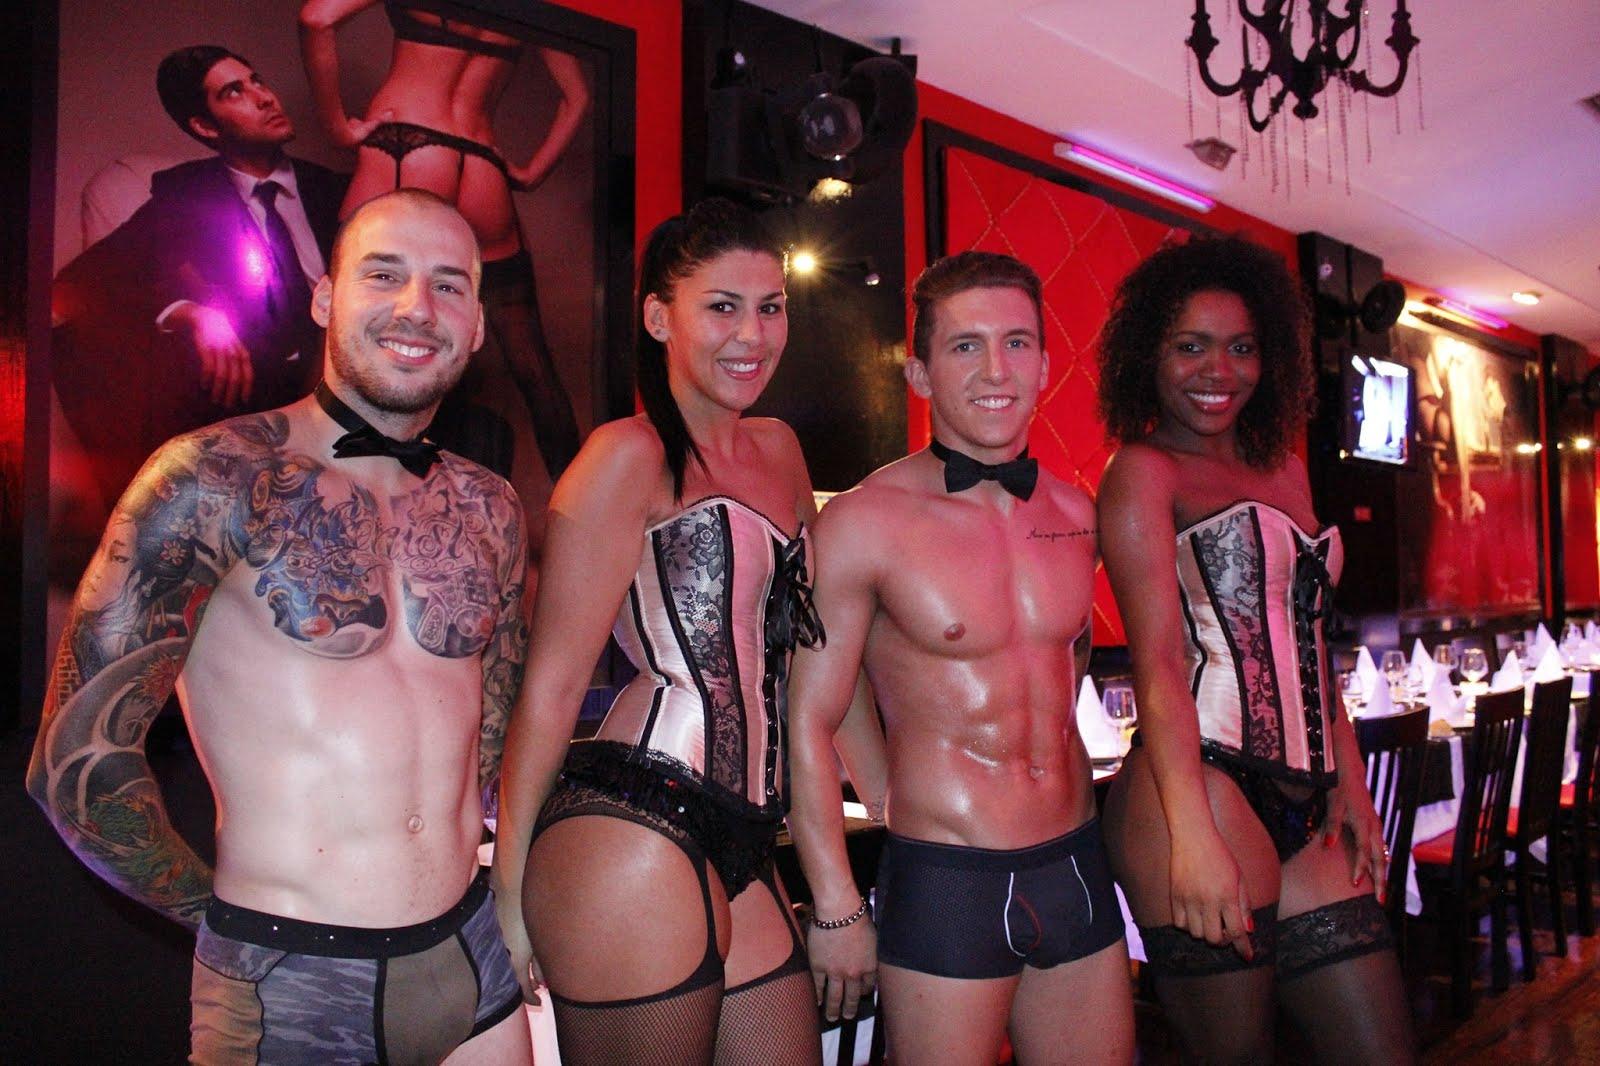 fb585a98cb7 adolescente gay: Parceria The Lingerie Restaurant